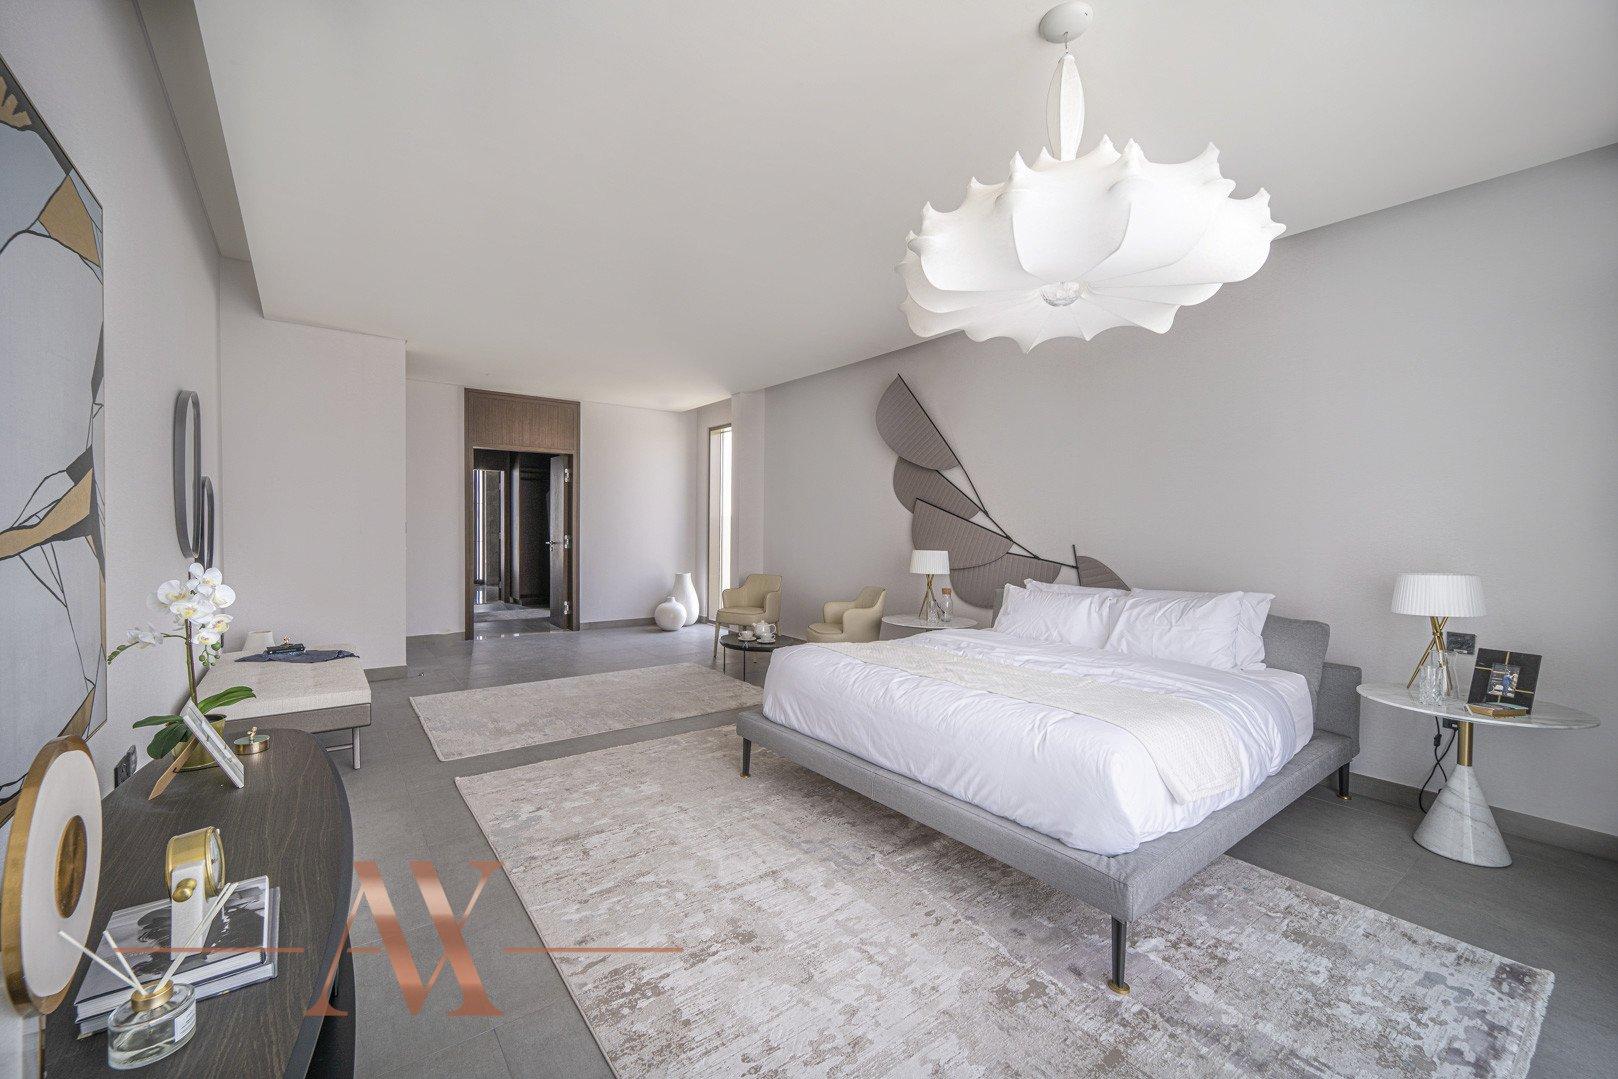 Villa en venta en Dubai, EAU, 4 dormitorios, 659.6 m2, № 23710 – foto 13